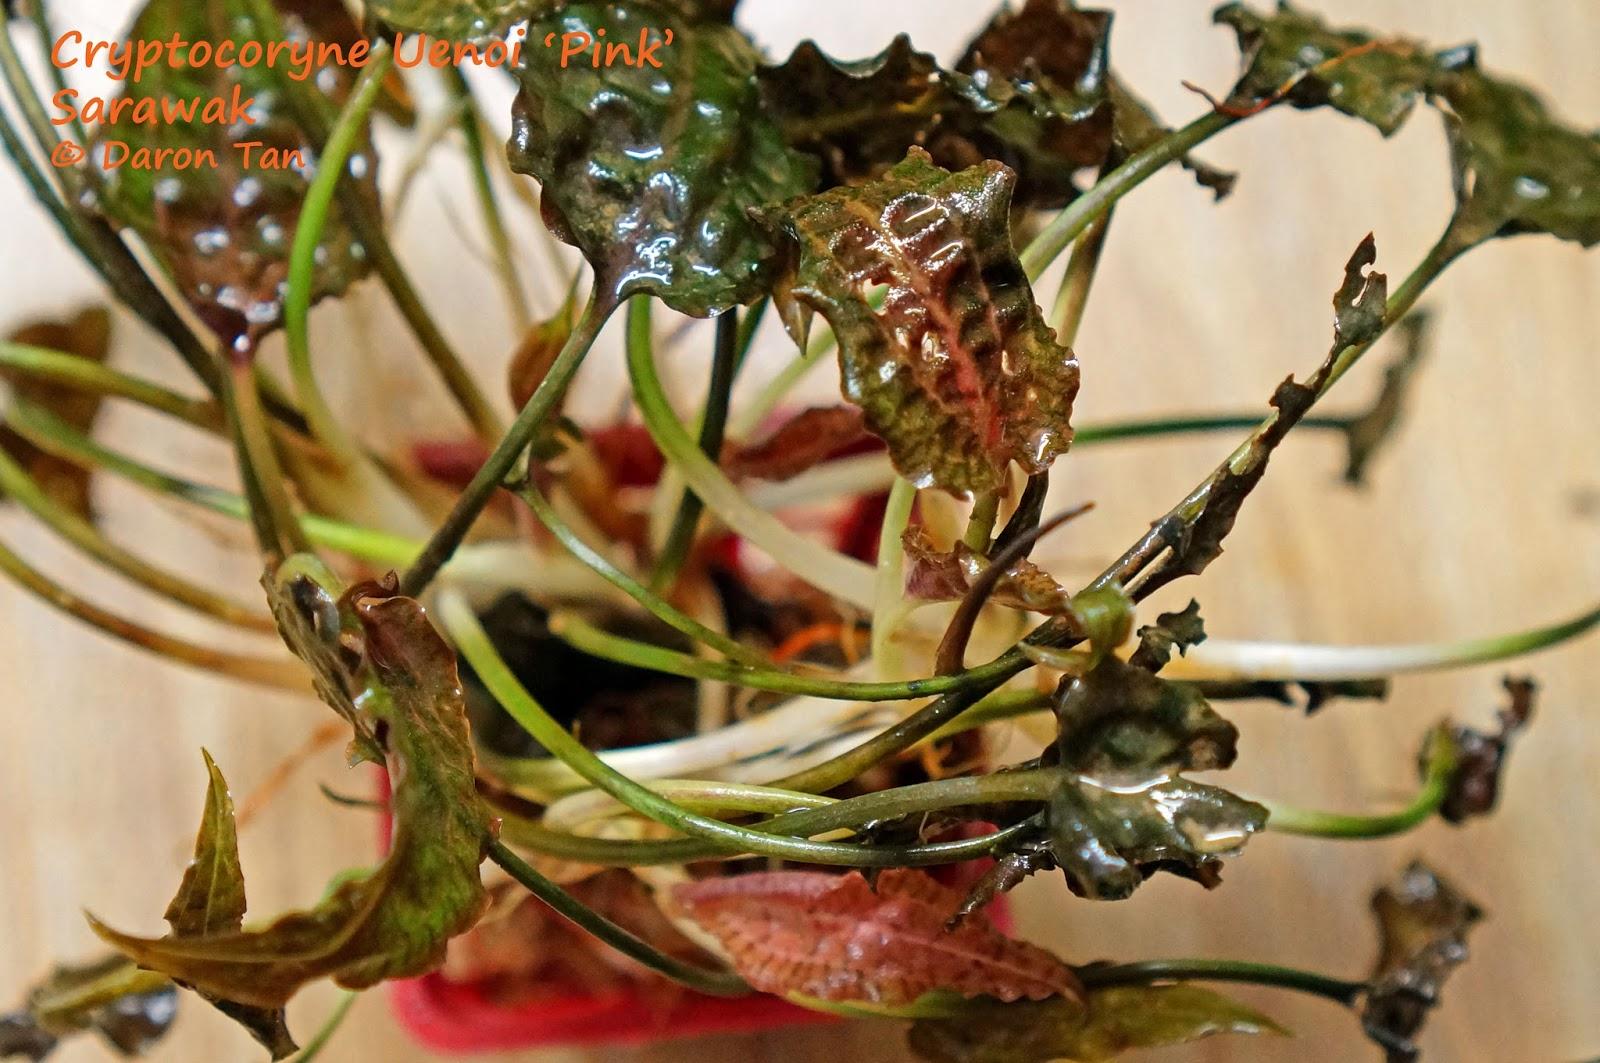 Tình yêu cây cỏ ĐV2 - Page 92 DSC06783b